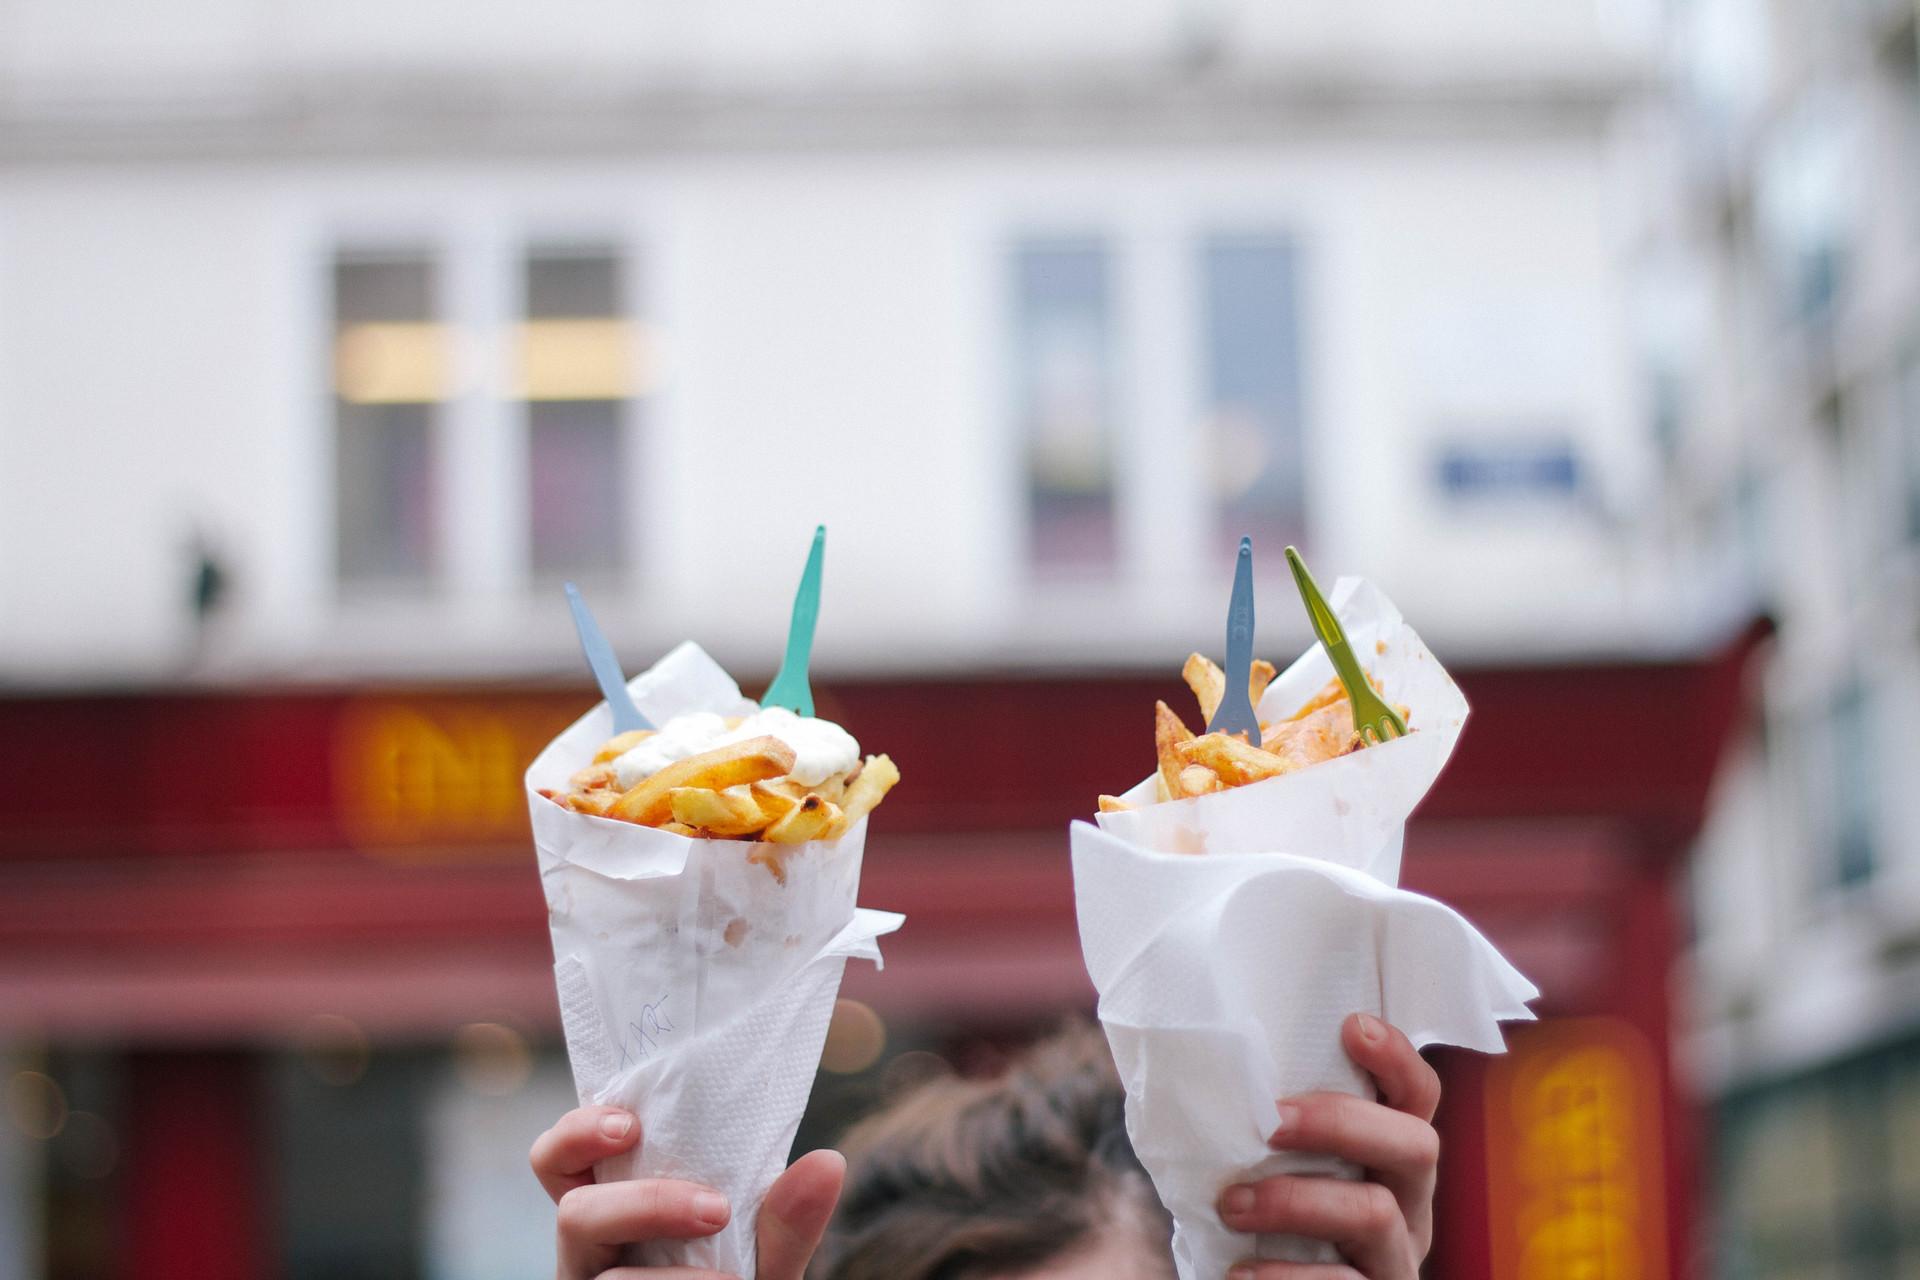 2015-03-Life-of-Pix-free-stock-photos-food-fries-street-food-sauce-forks-cornet-BXL-Sarah-Babineau